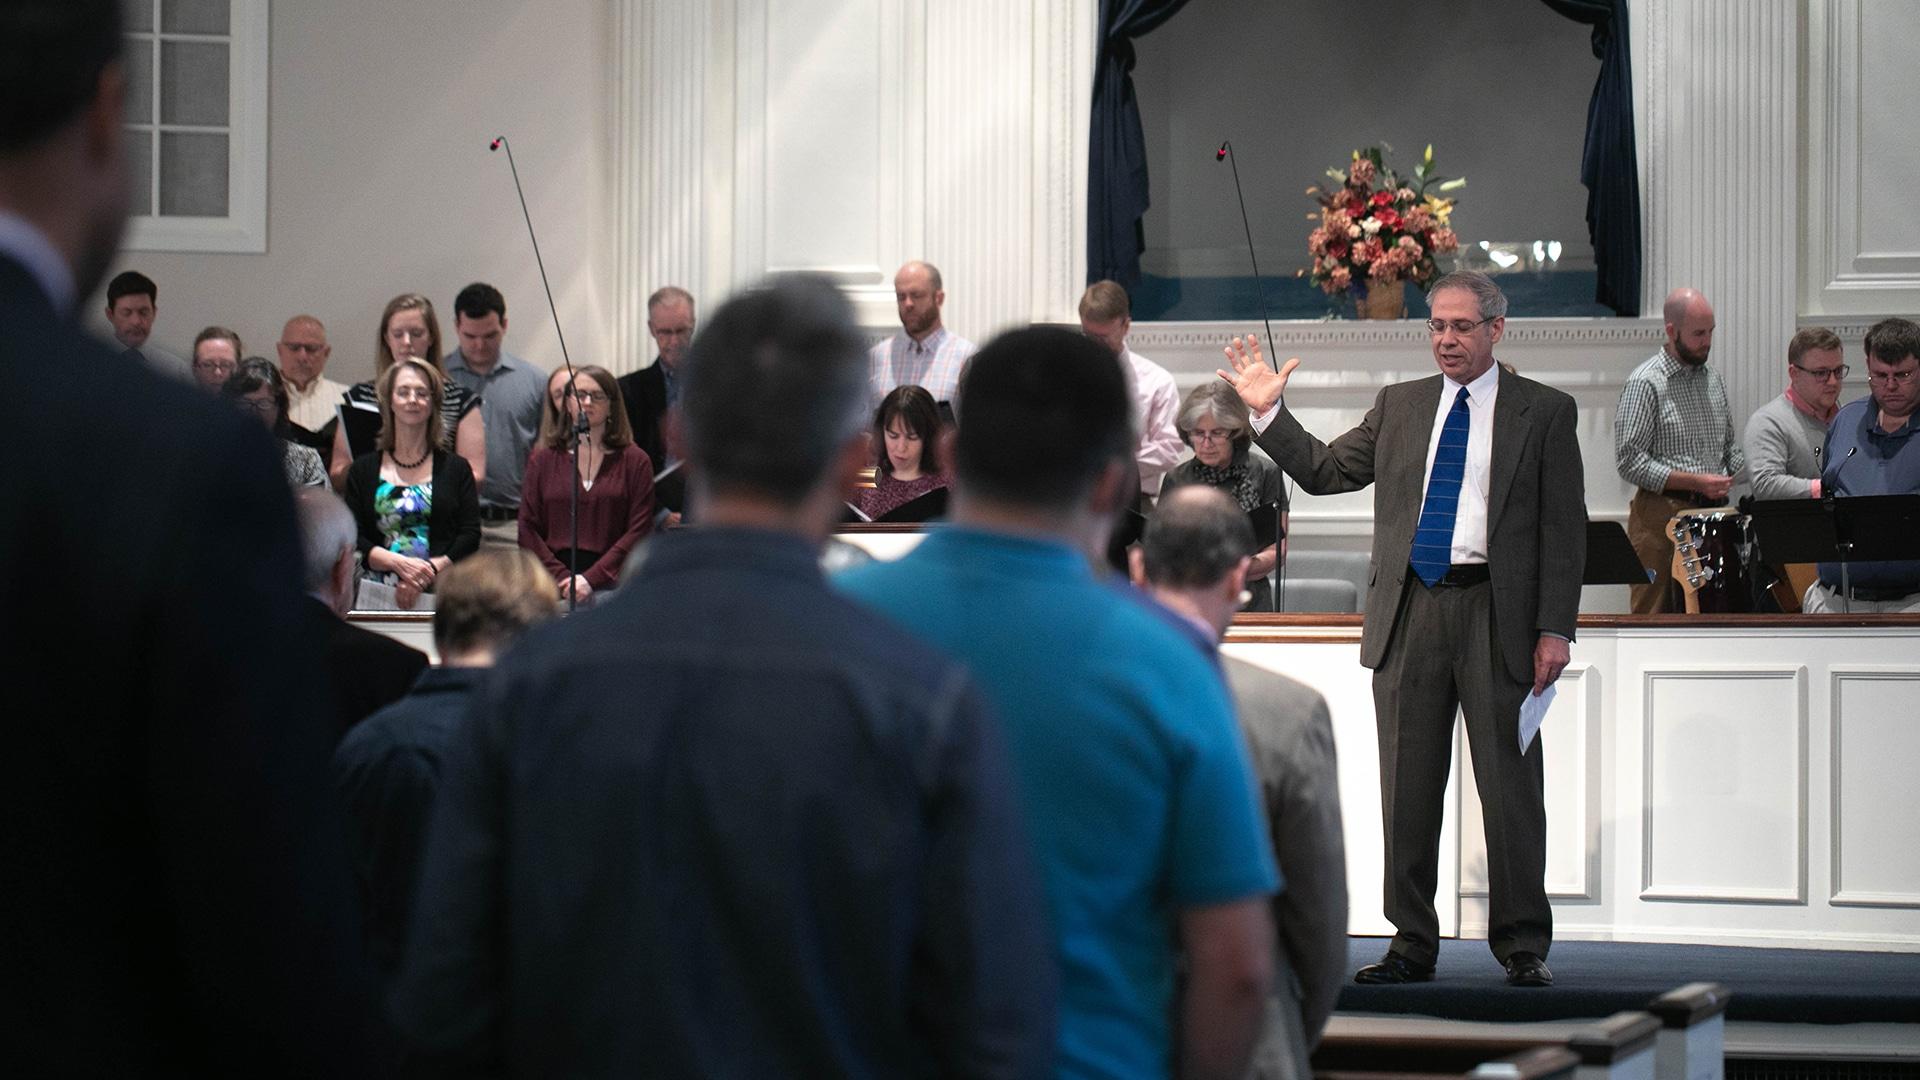 Church membership in pews